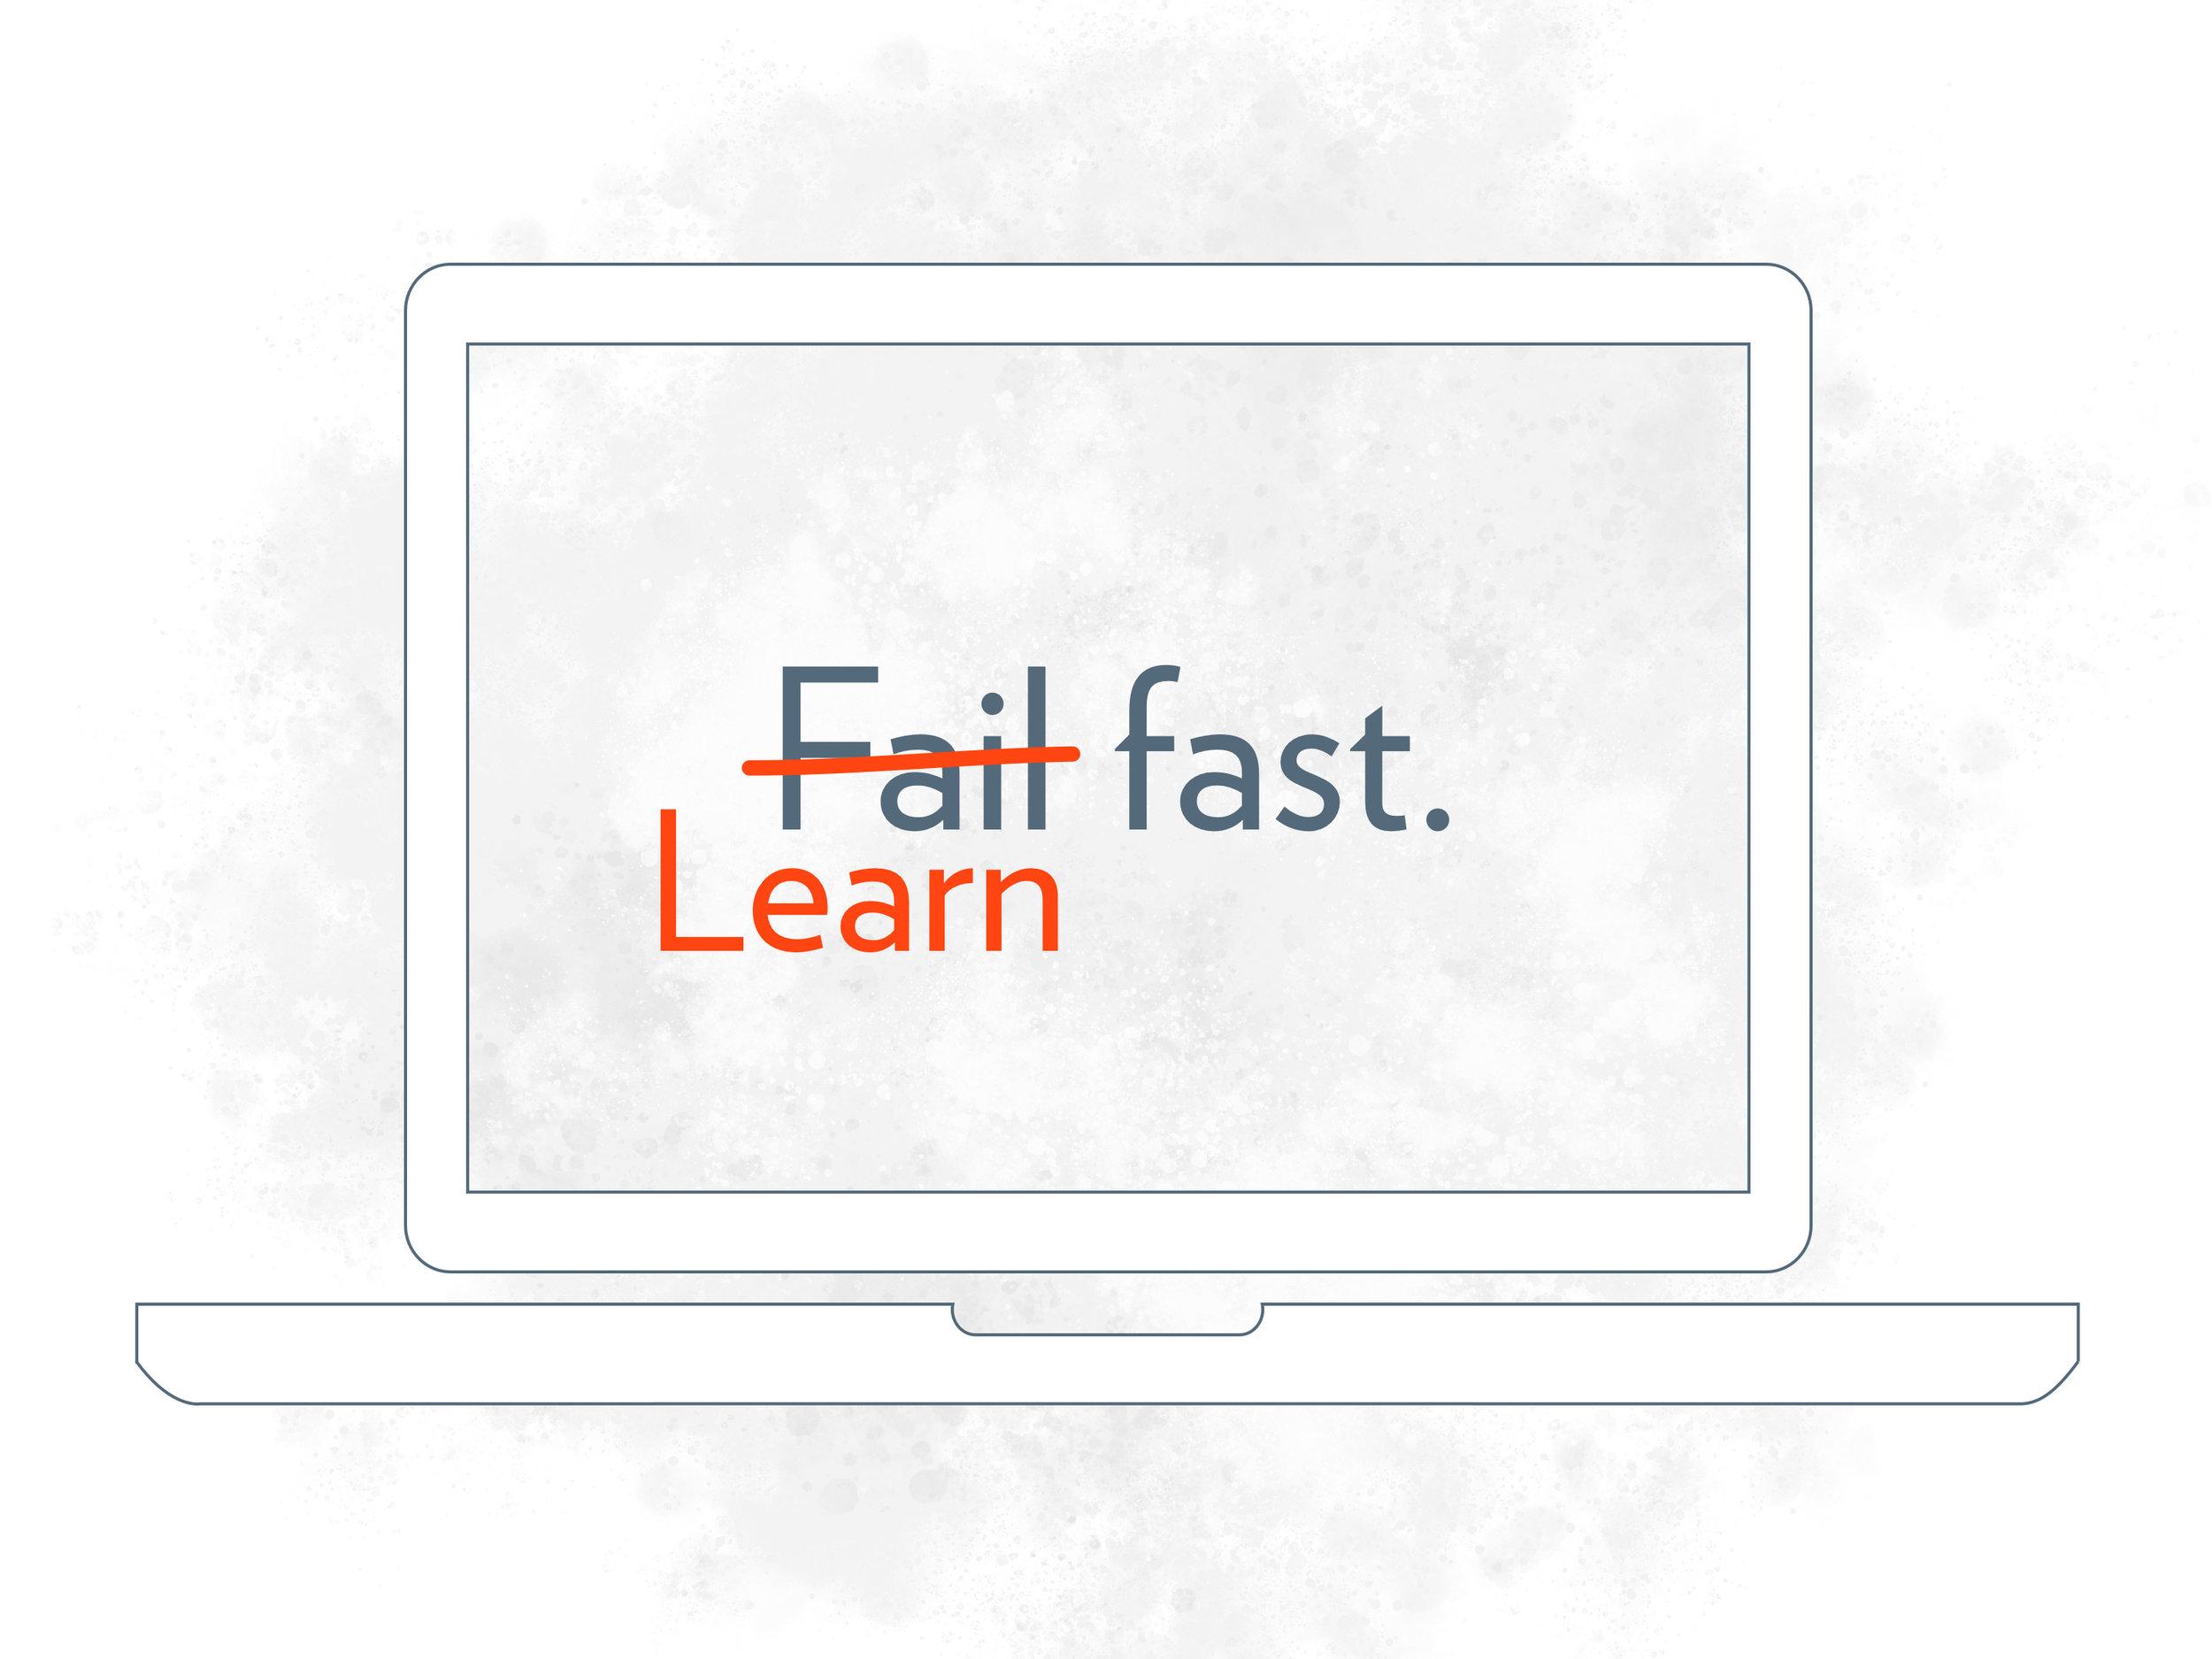 learn-fast.jpg